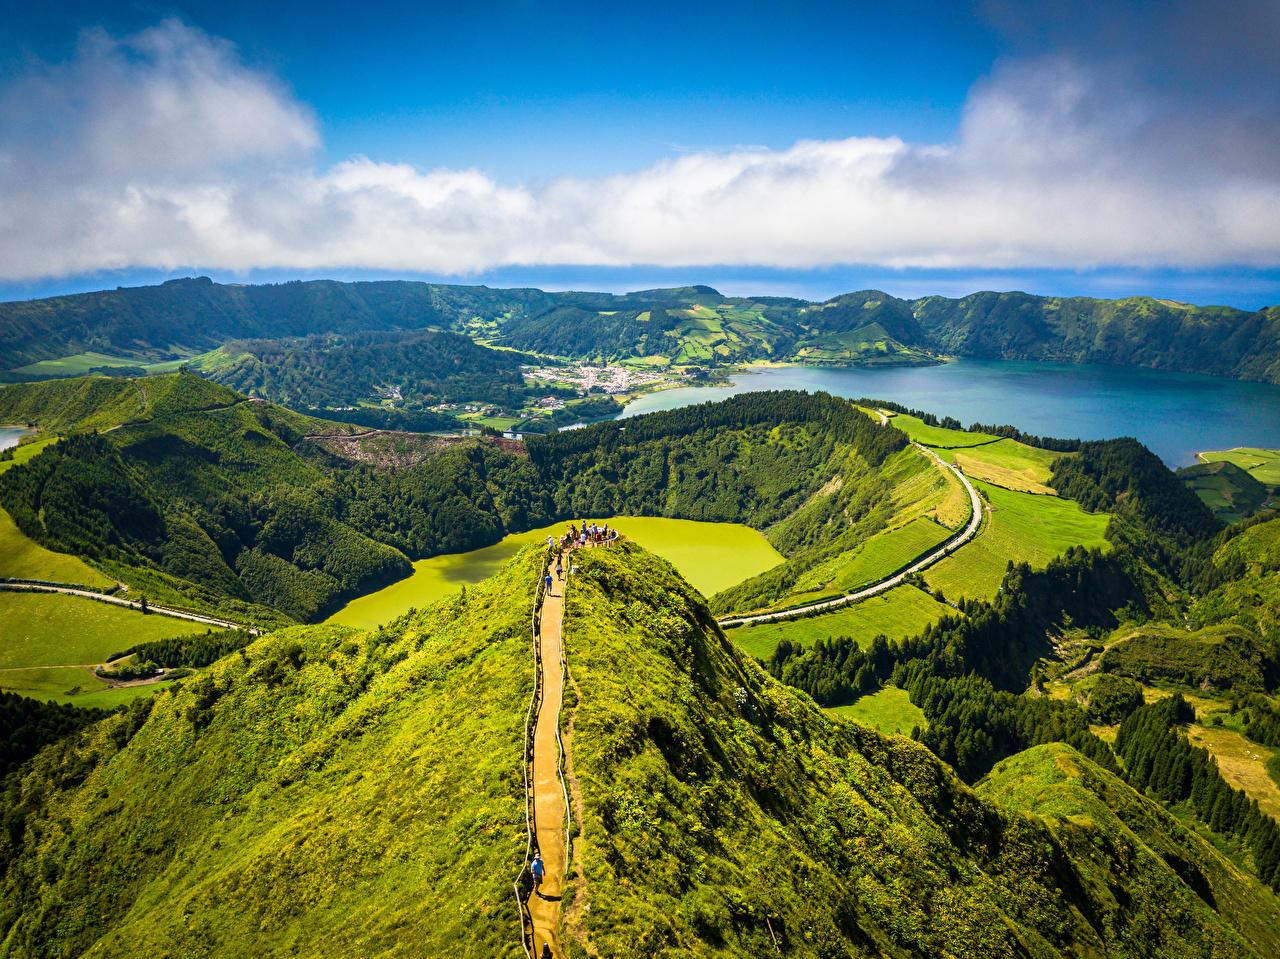 Desktop Hintergrundbilder Portugal Azores, Sete Cidades, Miradouro da Boca do Inferno Natur Gebirge Wald Küste Von oben Wolke Berg Wälder